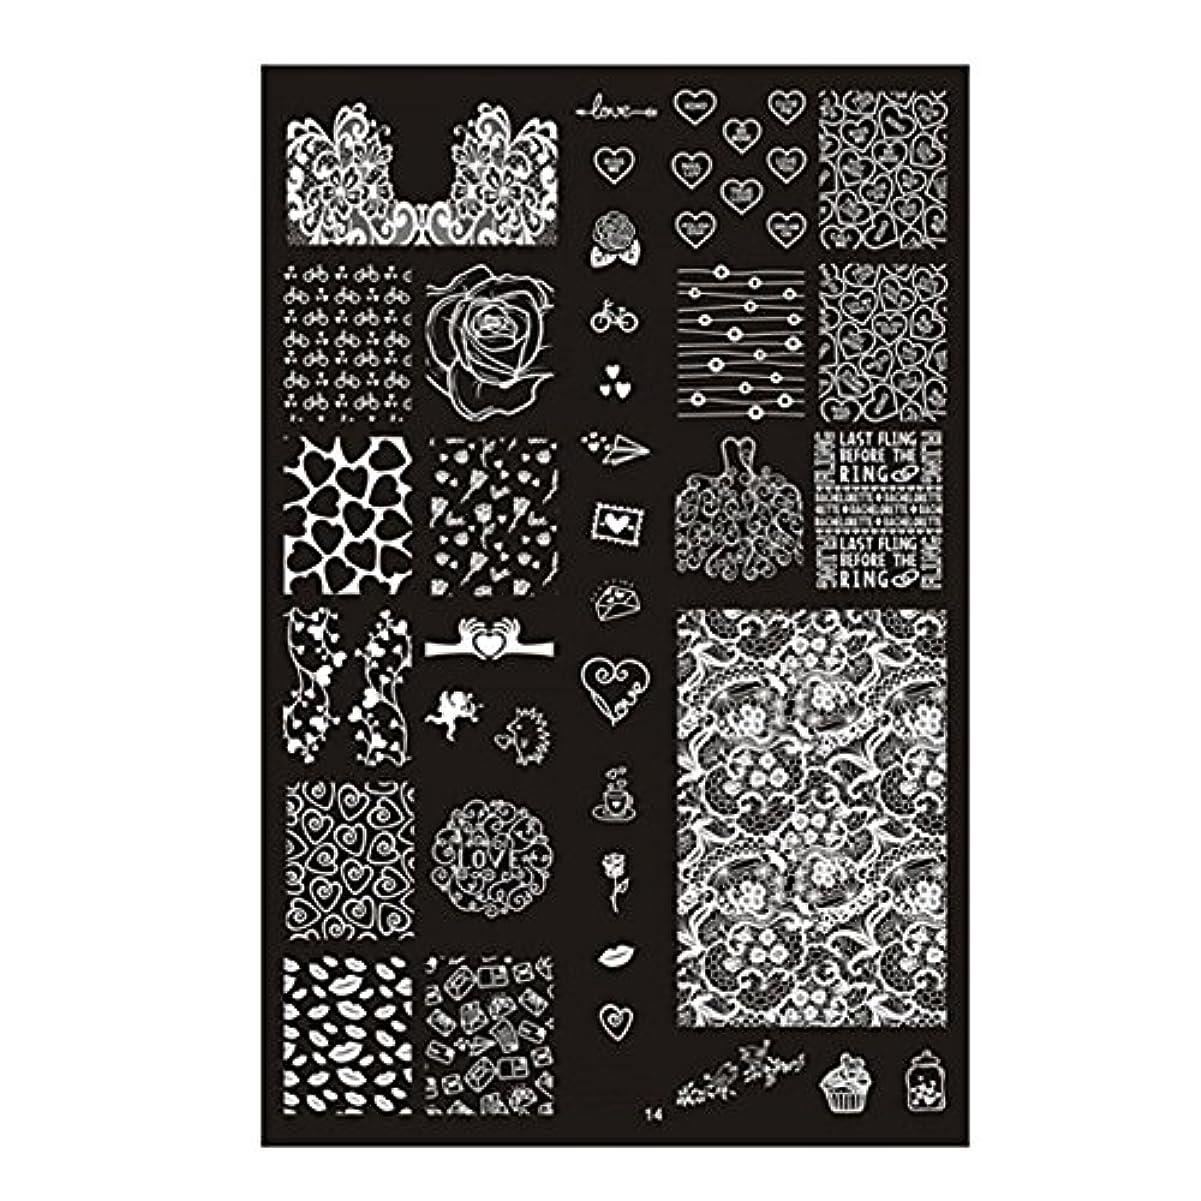 しなやかに付ける魅力的であることへのアピール[ルテンズ] スタンピングプレートセット 花柄 ネイルプレート ネイルアートツール ネイルプレート ネイルスタンパー ネイルスタンプ スタンプネイル ネイルデザイン用品